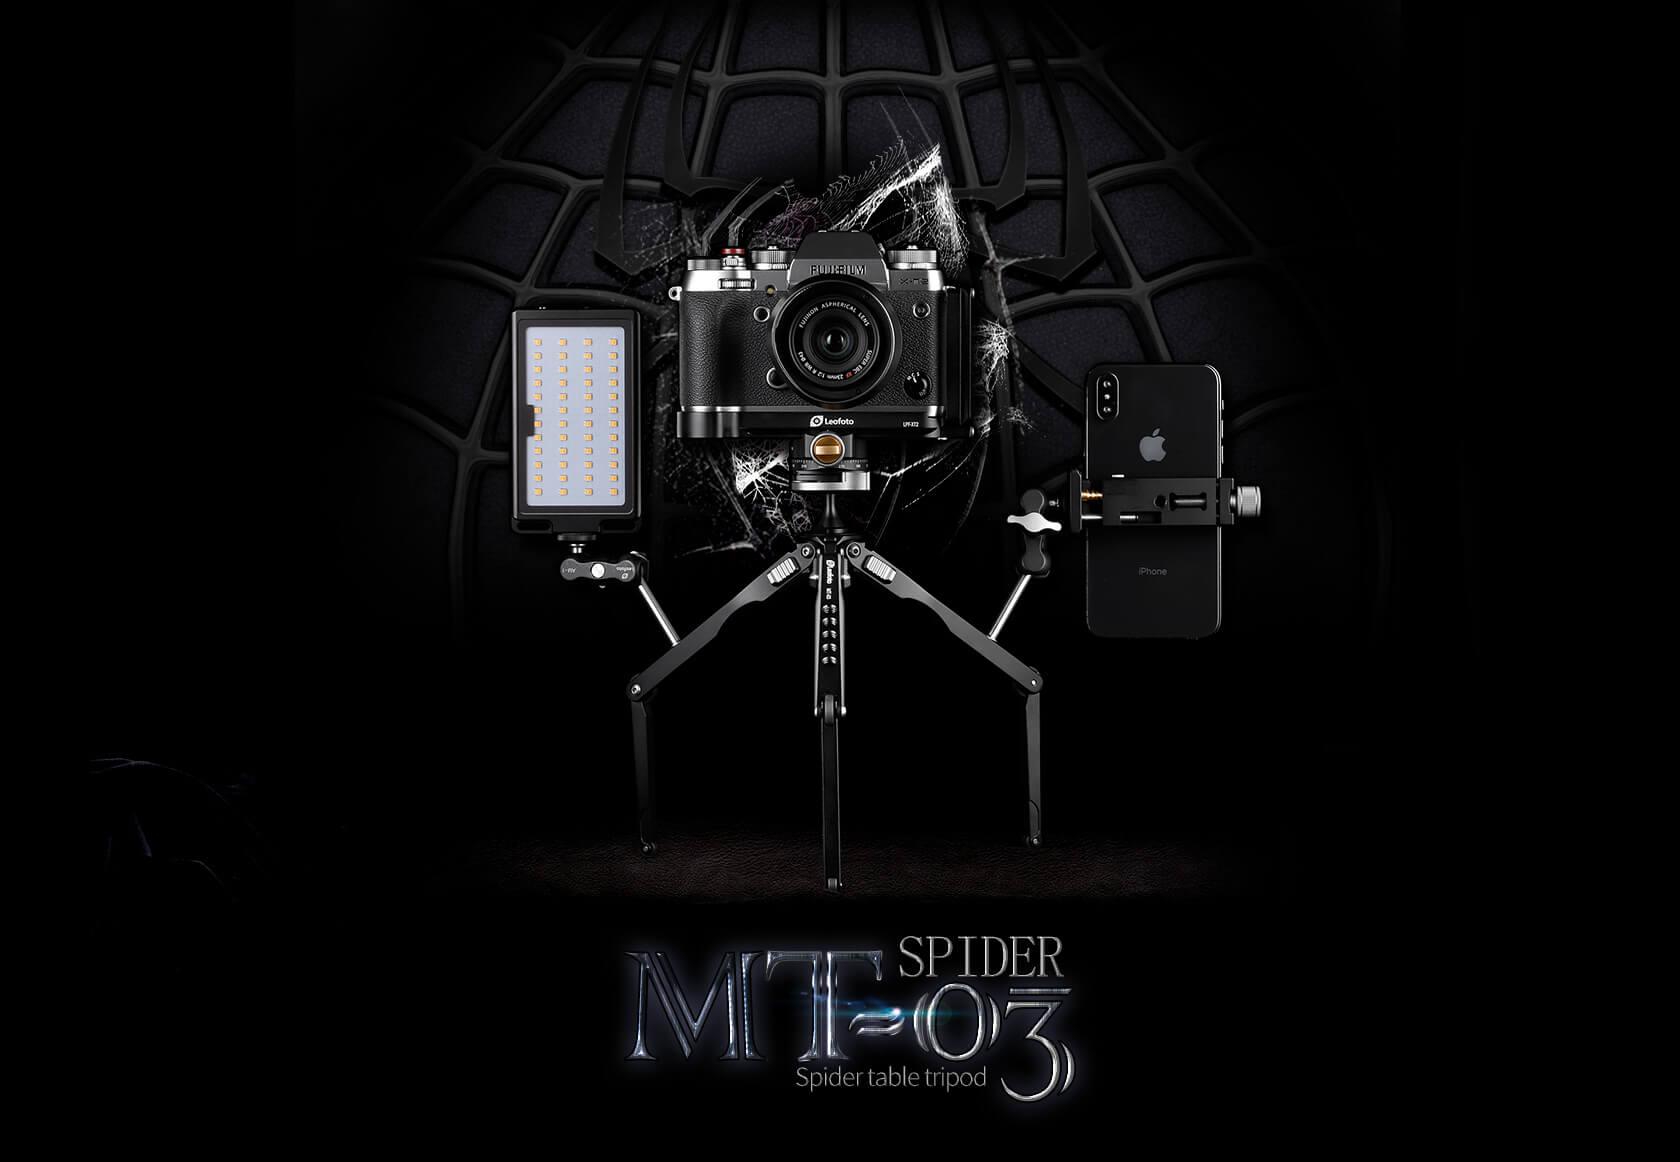 MT-03蜘蛛桌面迷你型三腳架